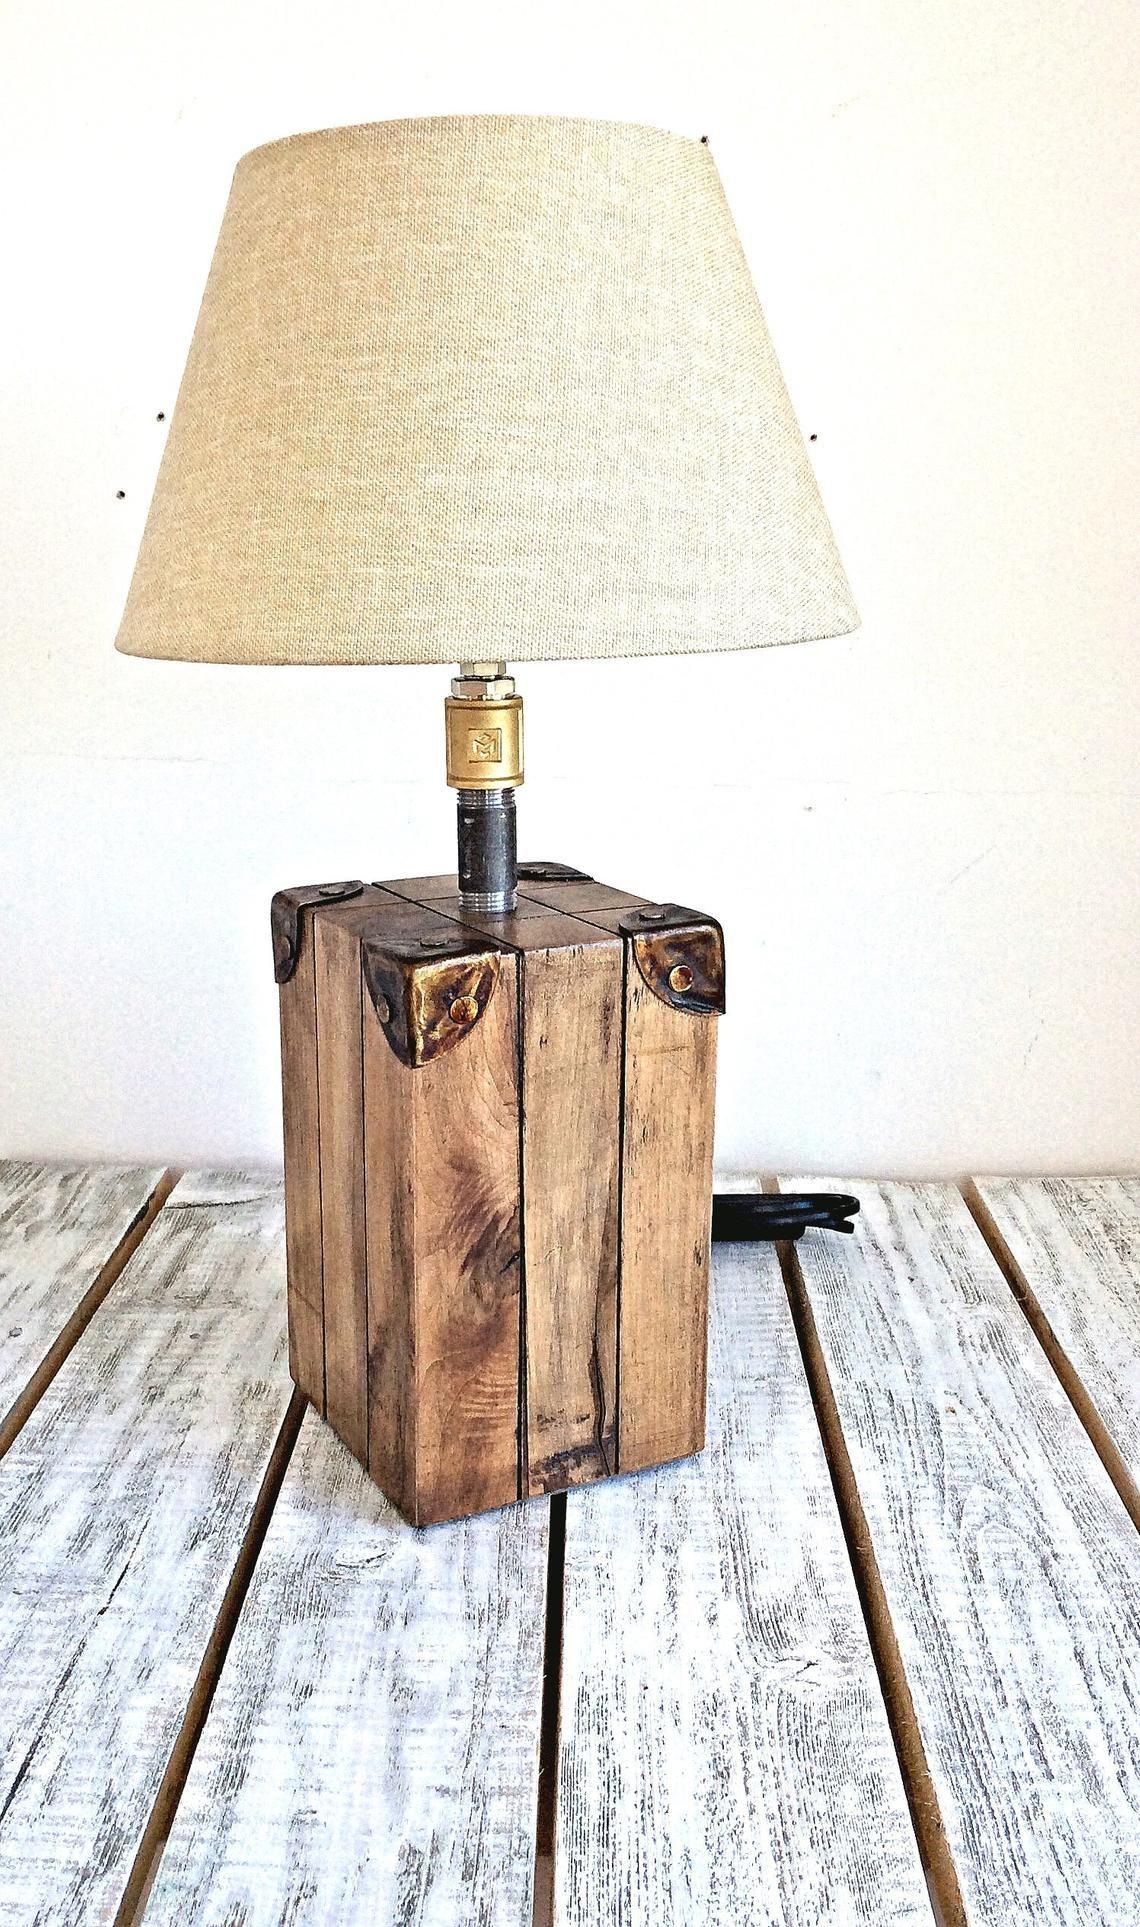 Bedside Lamp Table Lamp Wood Lamp Desk Lamp Rustic Lighting